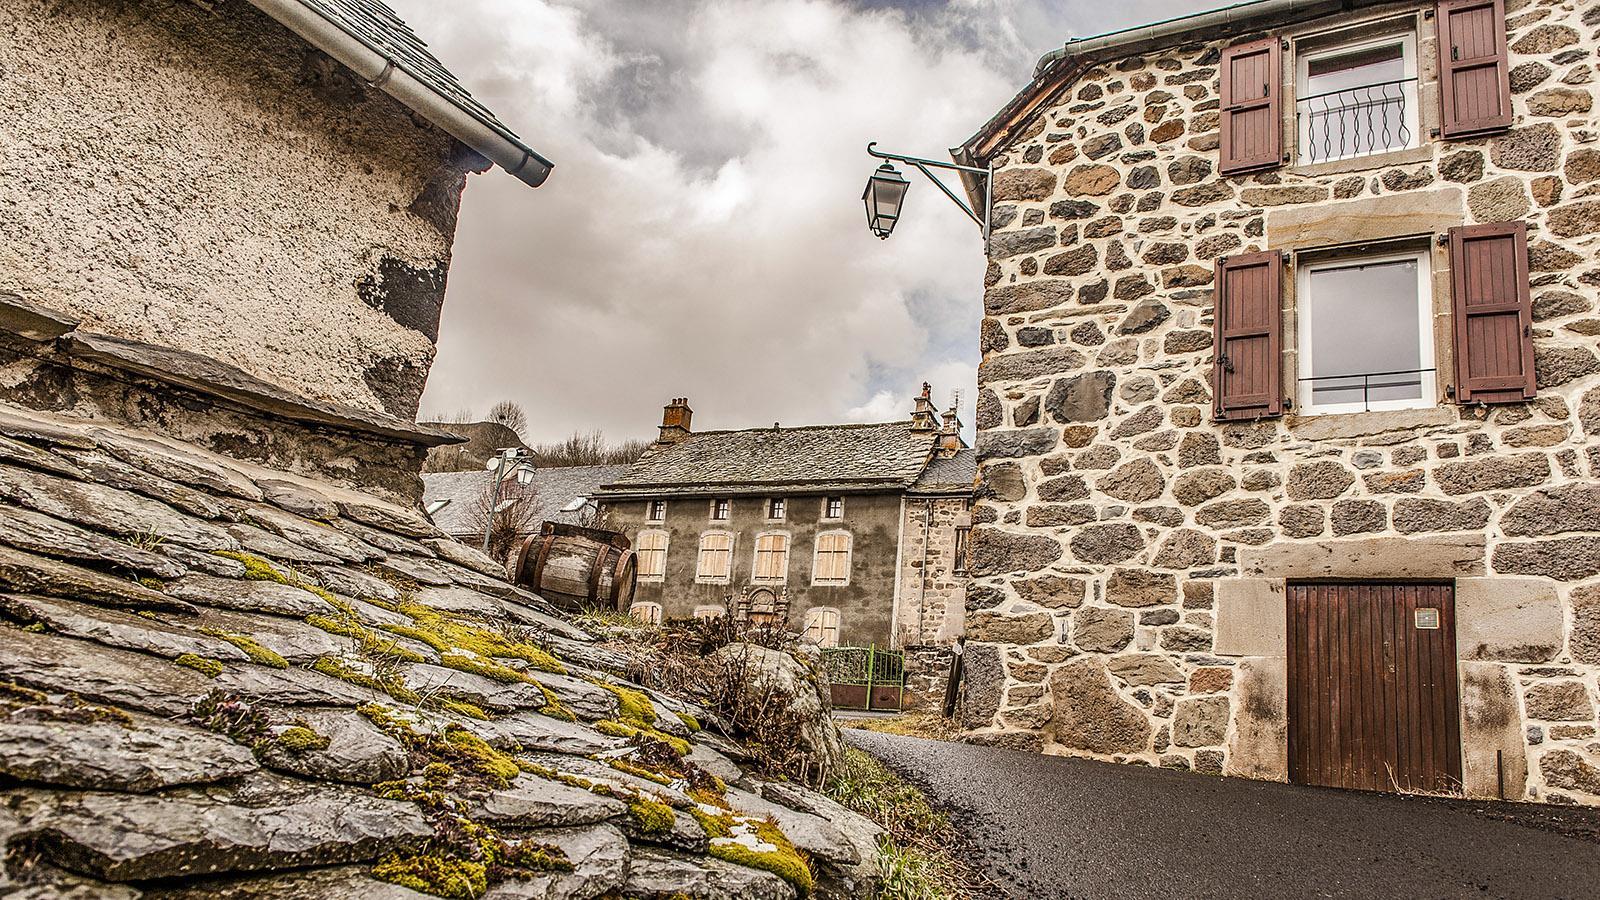 Auvergne: trutziges Dorf in Feldstein und Granit: Dienne. Foto: Hilke Maunder